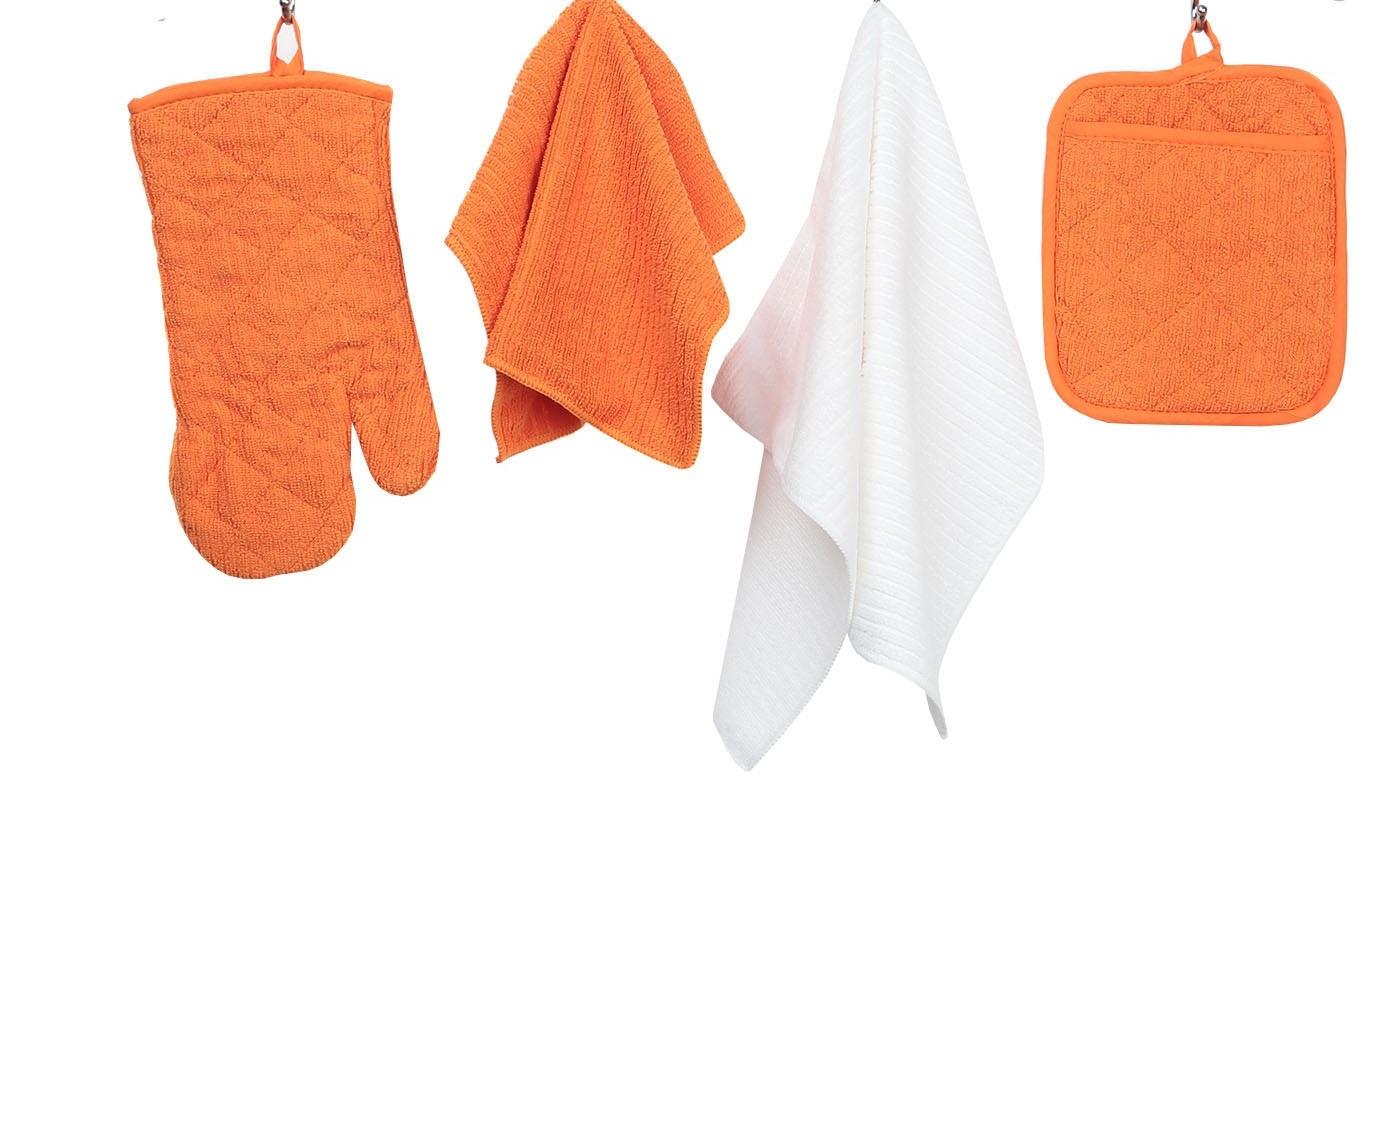 Комплект для кухни ТекСтиль для дома СН-002/О, оранжевый